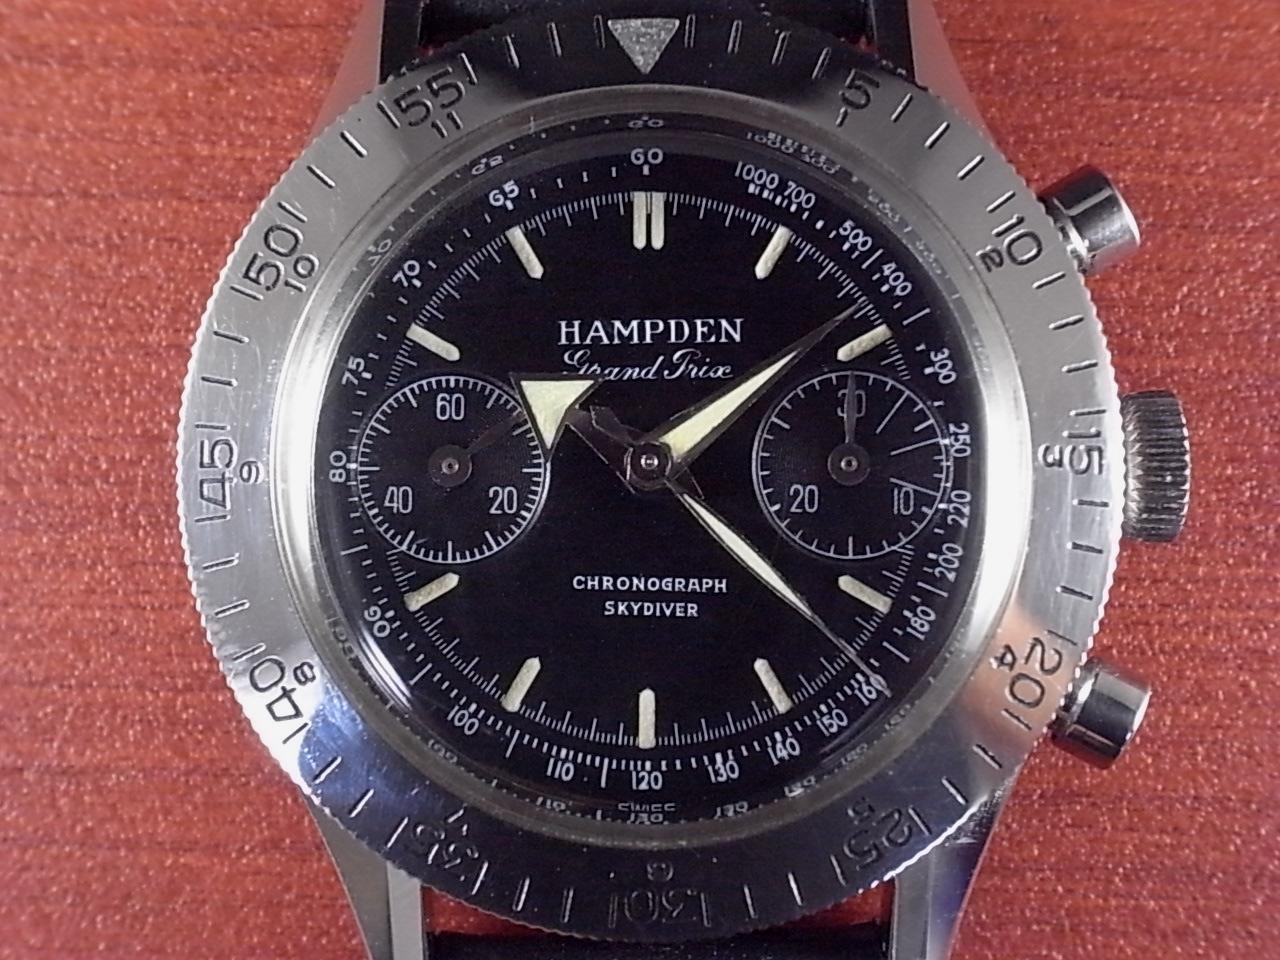 ハンプデン グランプリ スカイダイバー クロノグラフ 1950年代の写真2枚目